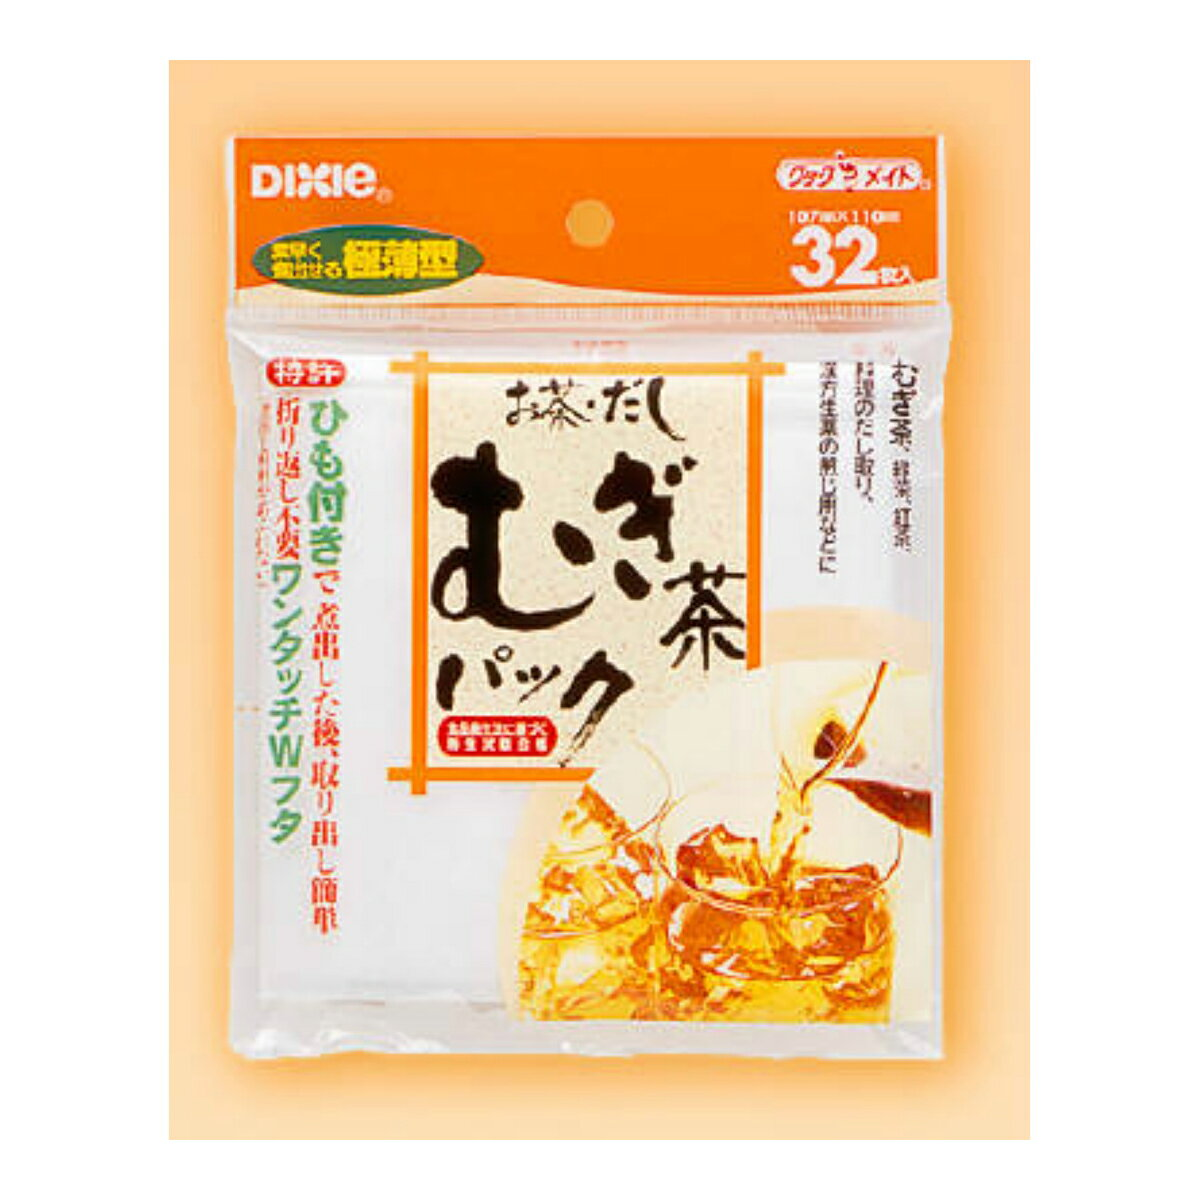 【10点セットで送料無料】日本デキシー デキシーお茶・だし・麦茶パック 32枚×10点セット ★まとめ買い特価! ( 4902172601756 )